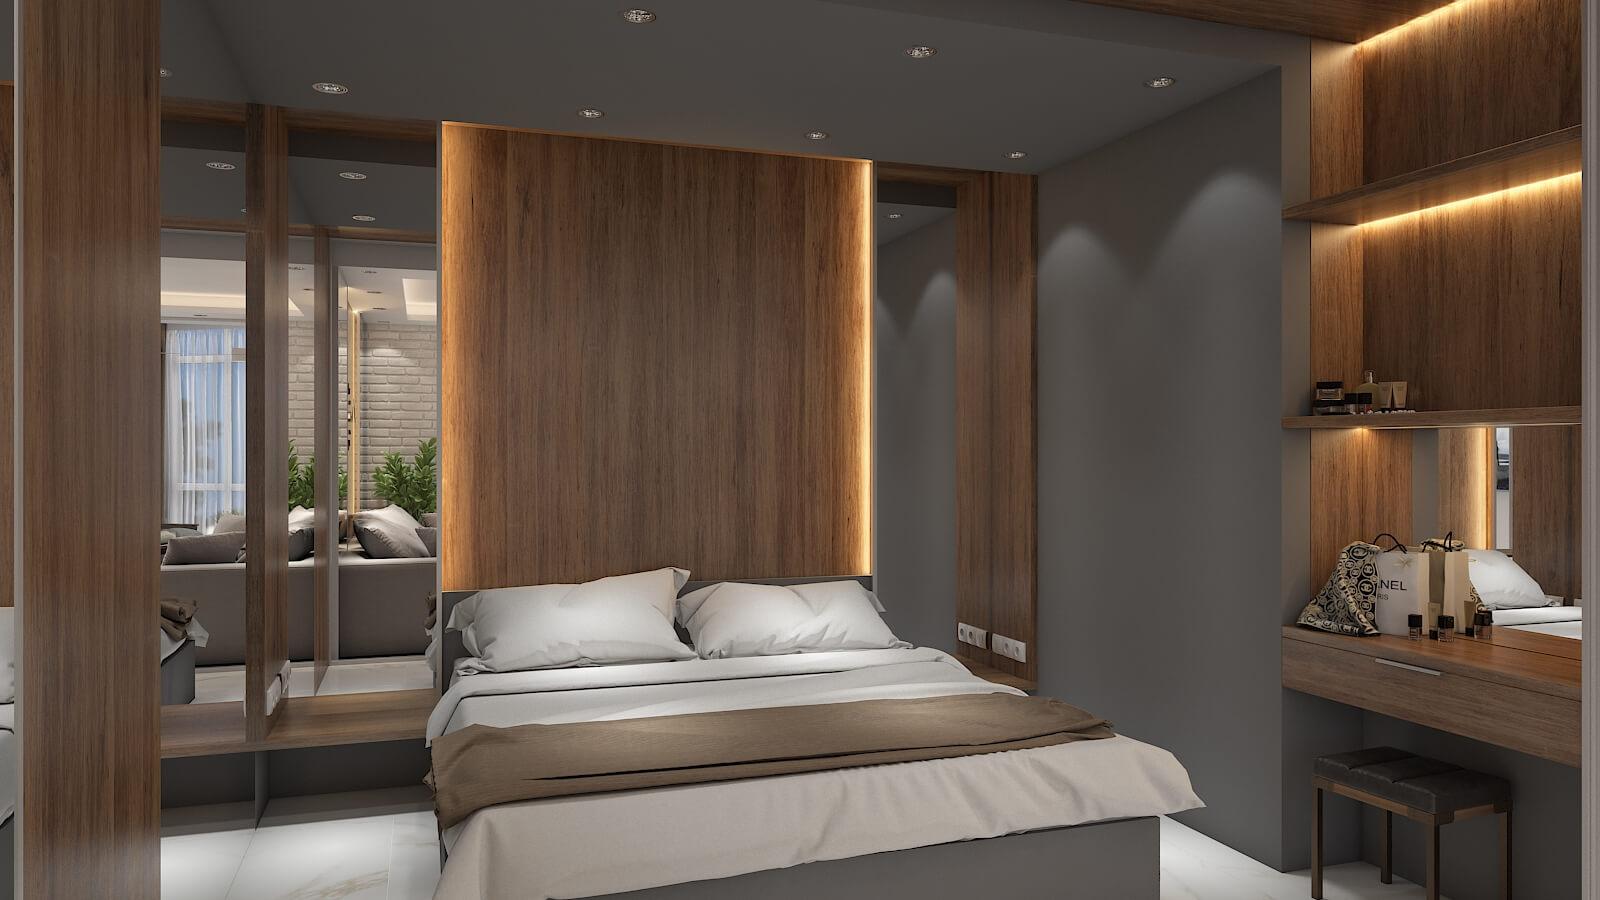 Дизайн проект квартира студия, спаьня со стеклянной перегородкой, Киев | фото 5